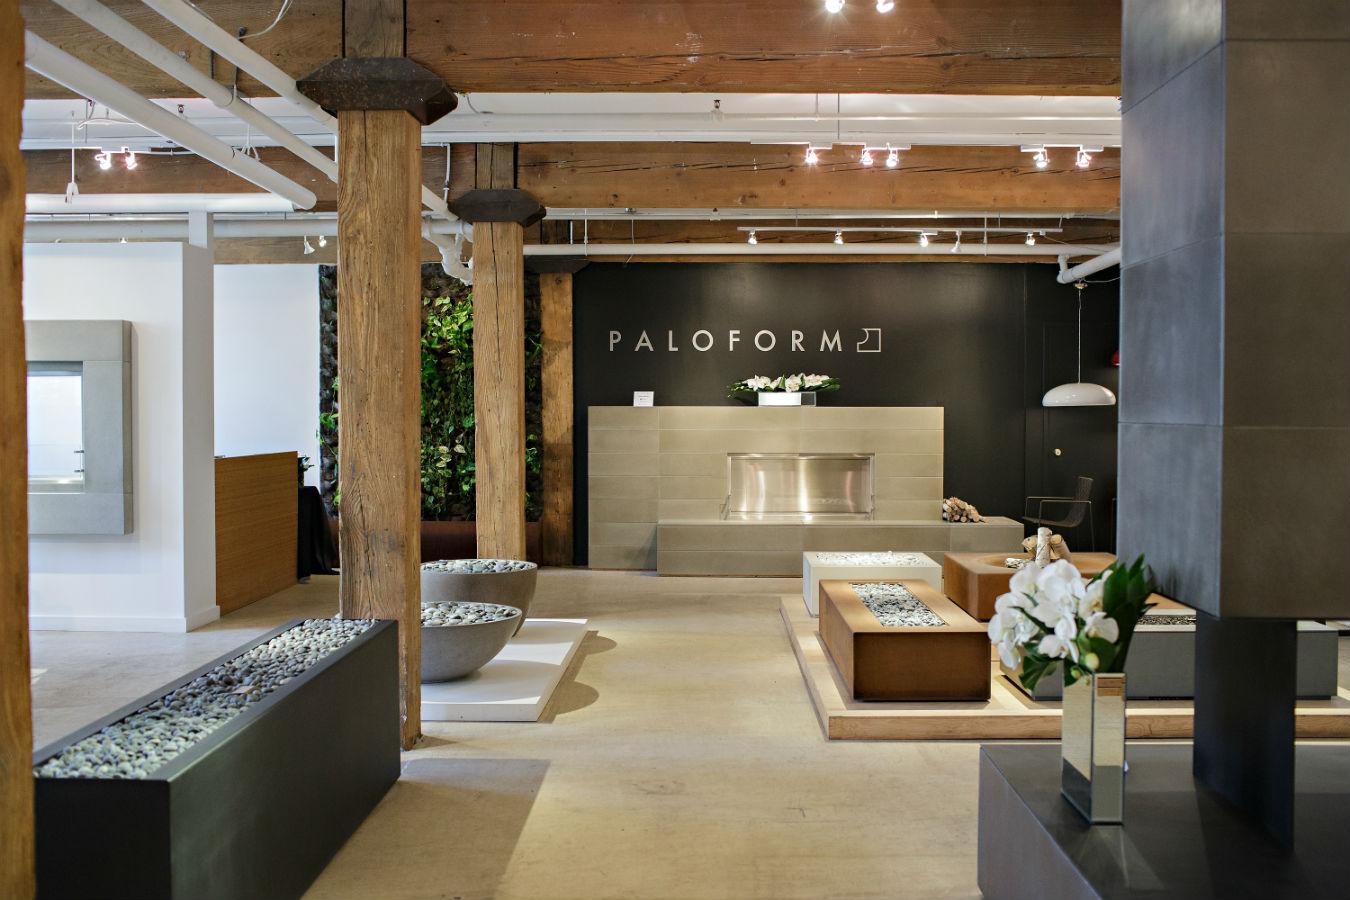 Paloform Patios | NUVO